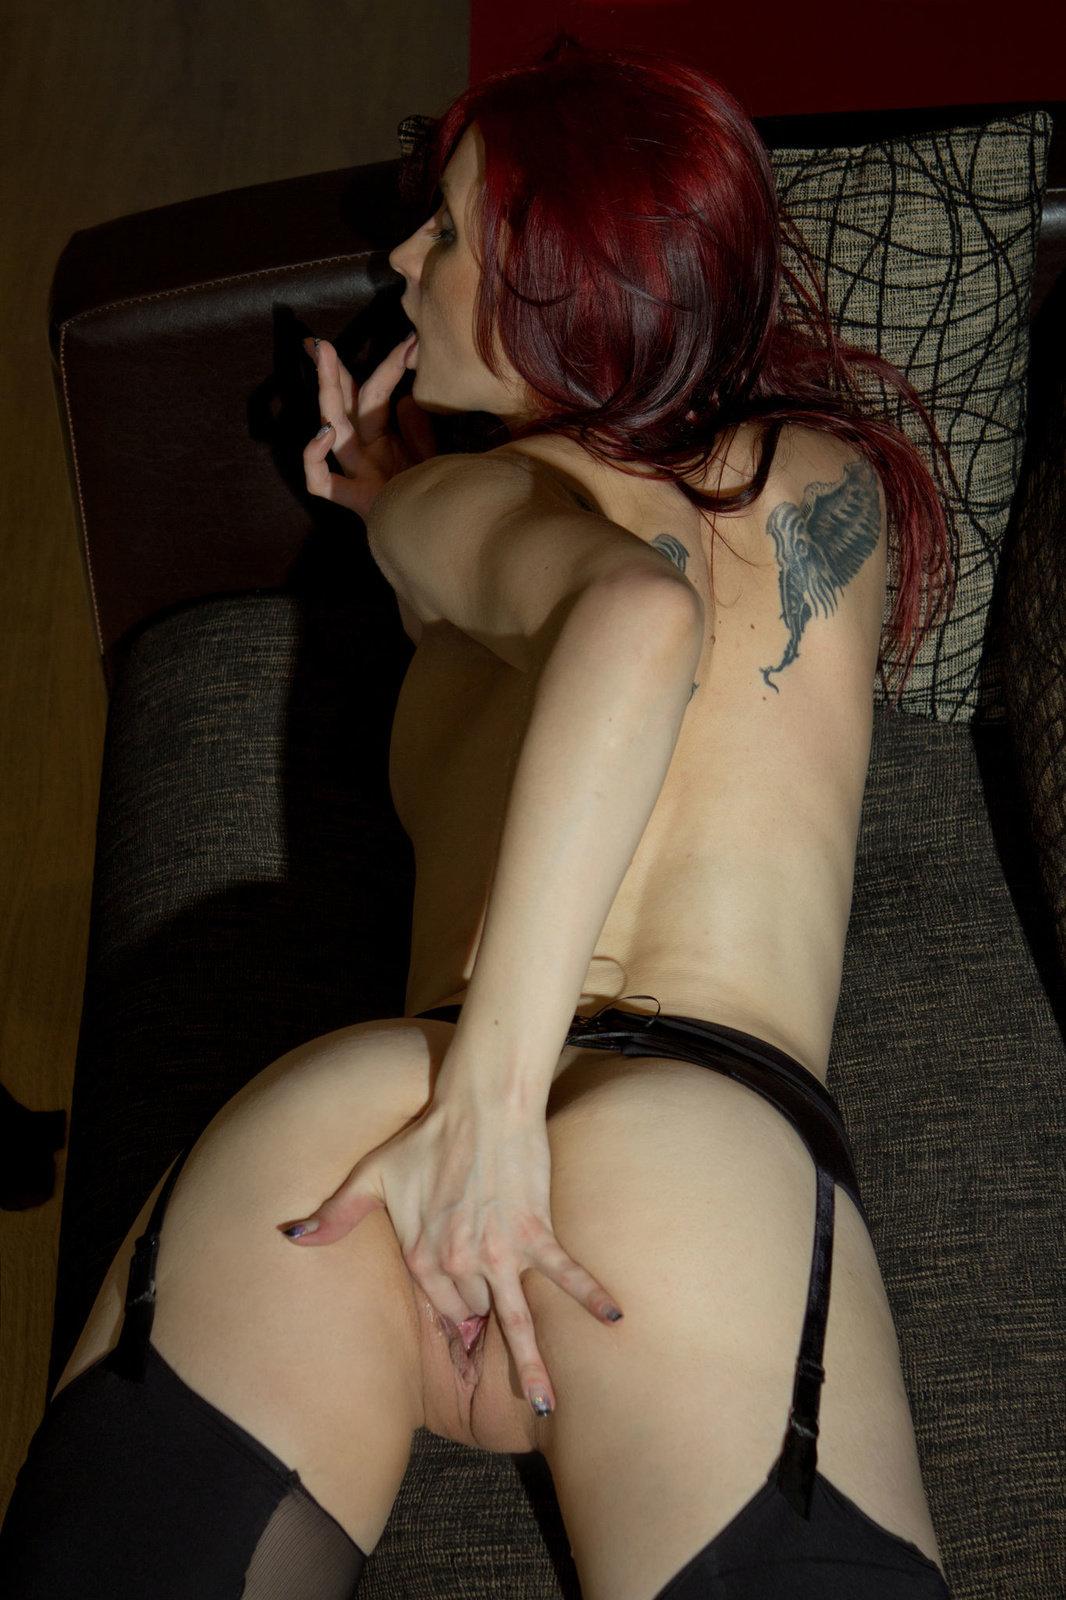 Zdjęcie porno - 1216 - Ruda z niewielkimi cycami